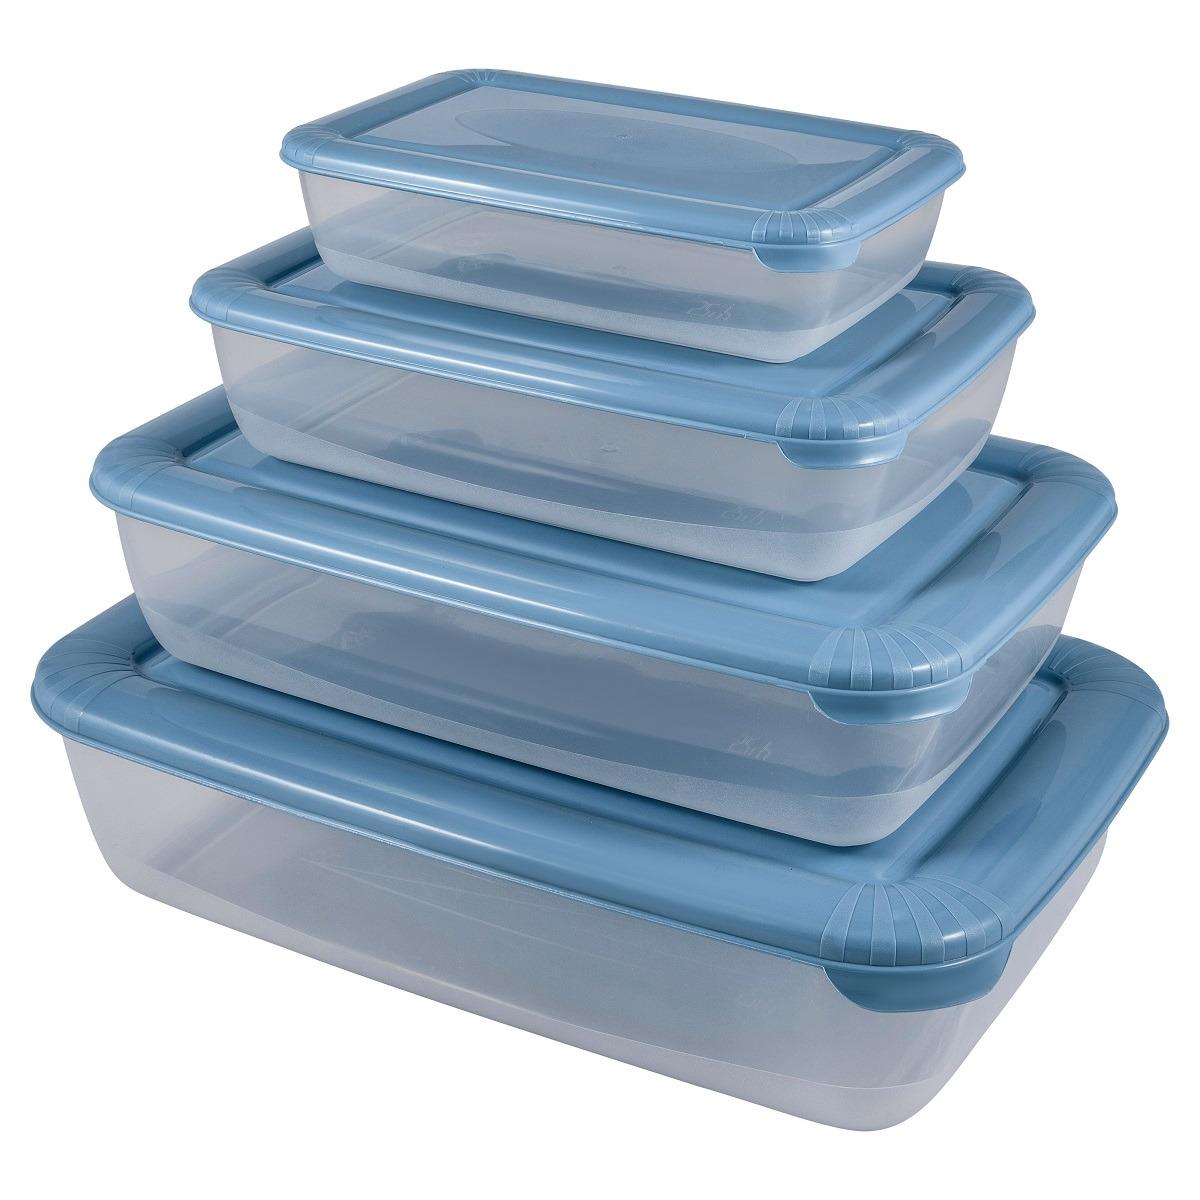 Набор емкостей для продуктов Plast Team Polar, PT1686-6, туманно-голубой, 4 шт емкость для хранения продуктов plast team pattern 0 5 л